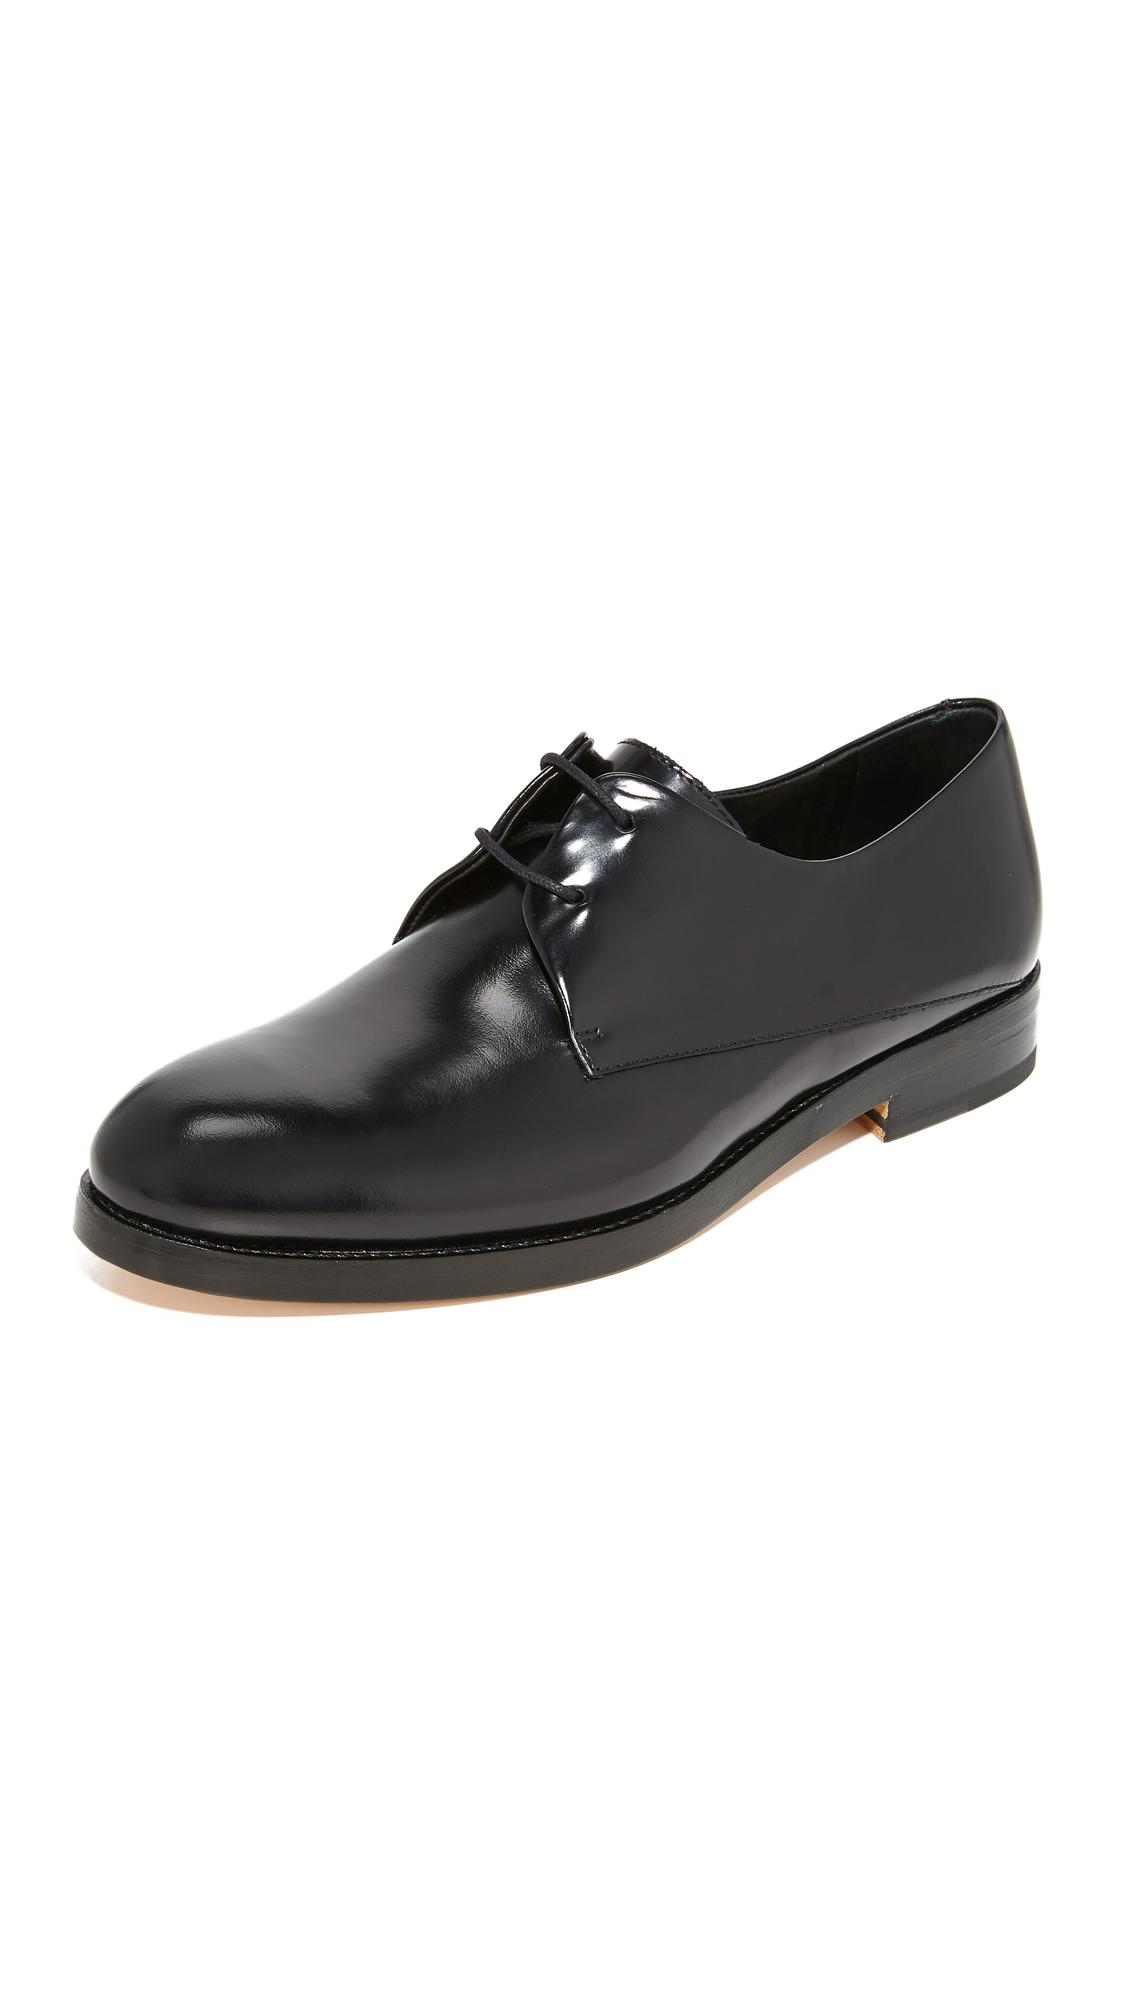 WANT LES ESSENTIELS Pena Derby Oxfords - Black/Black